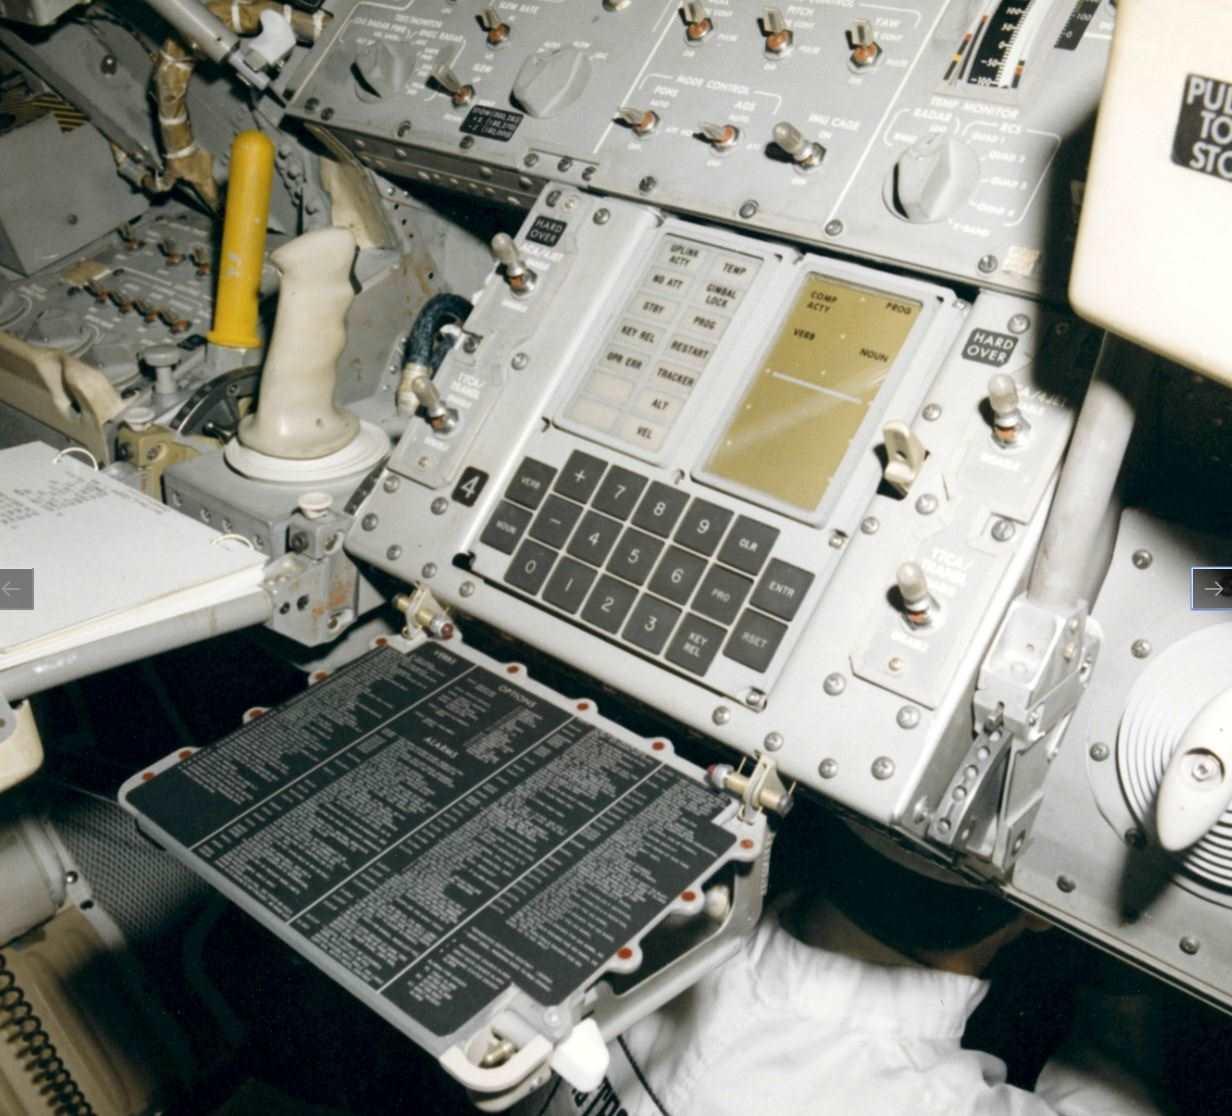 Apollo Guidance Computer, la historia del ordenador que nos llevó a la Luna 35